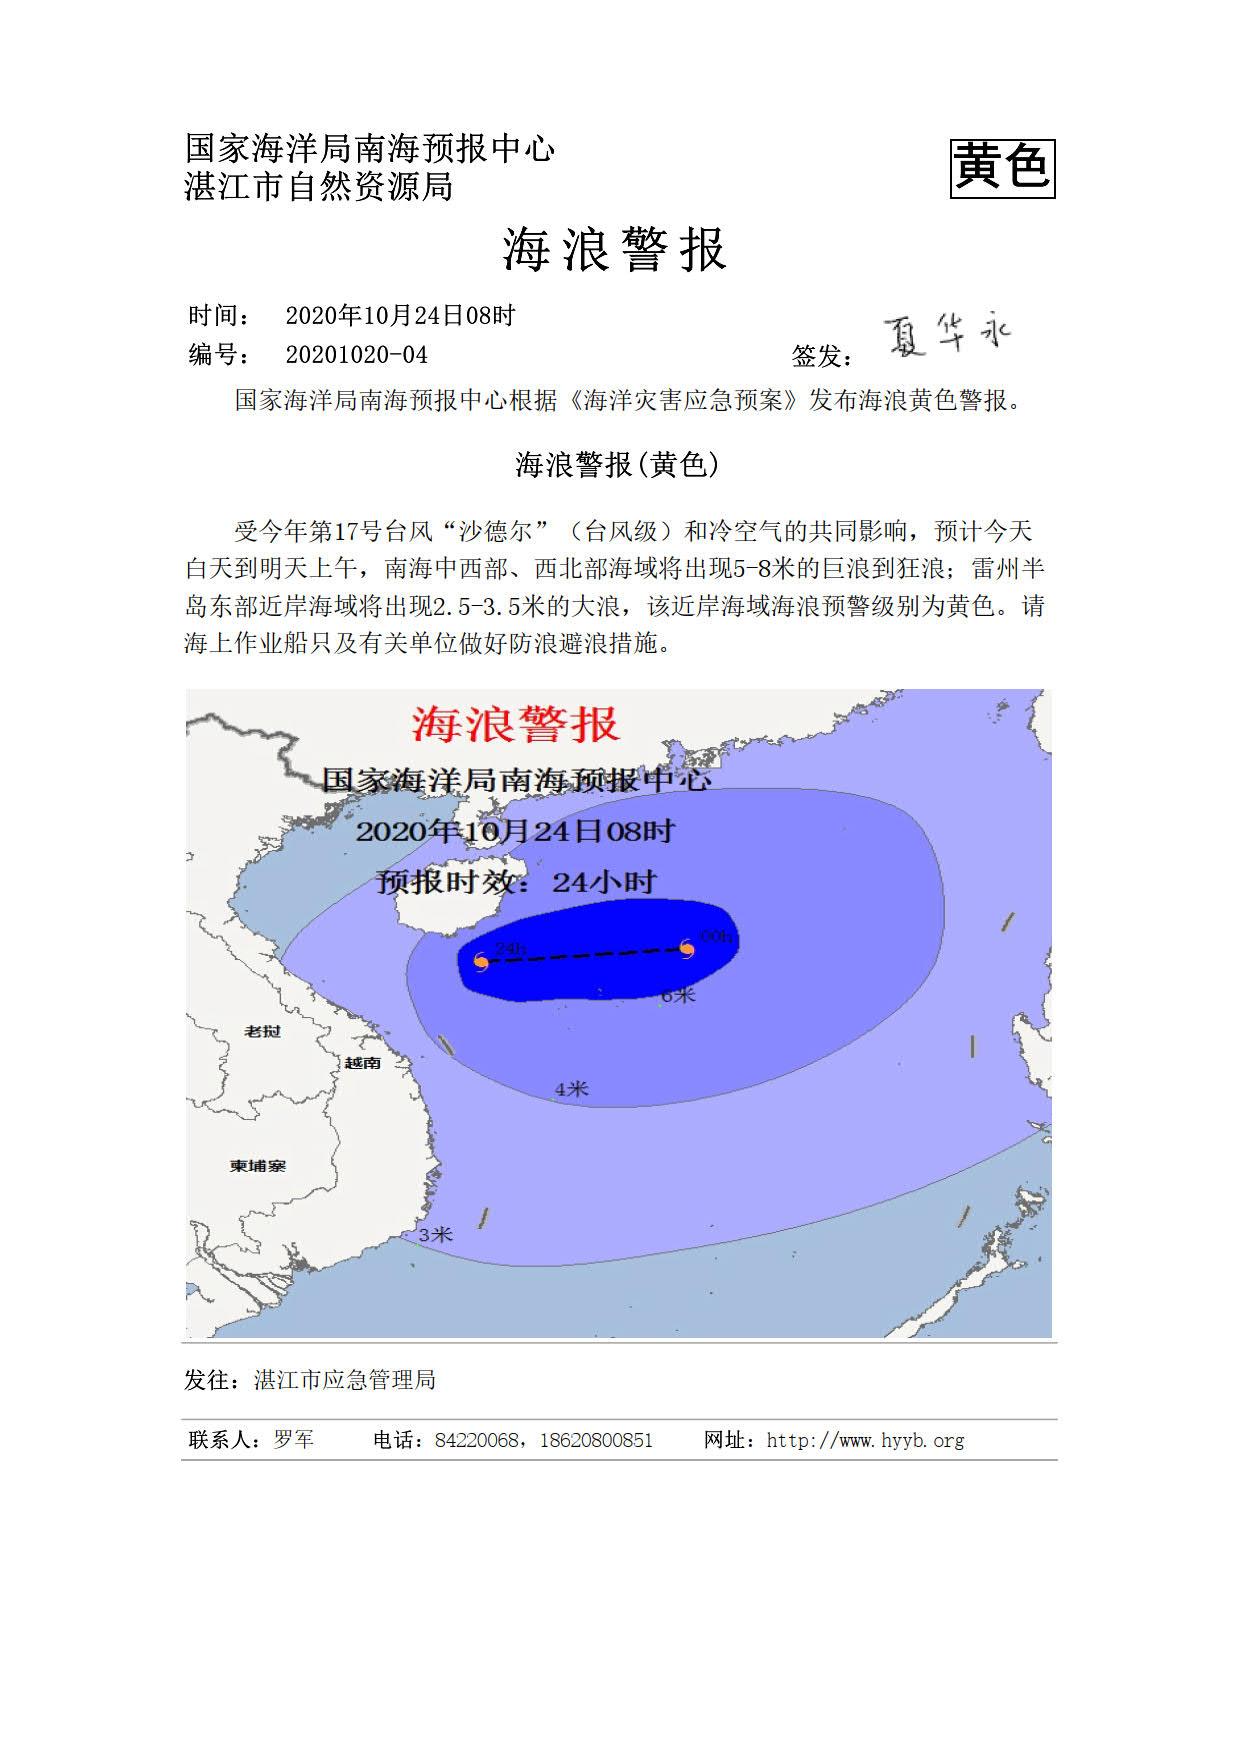 海浪警报-湛江2020102408_1.jpg